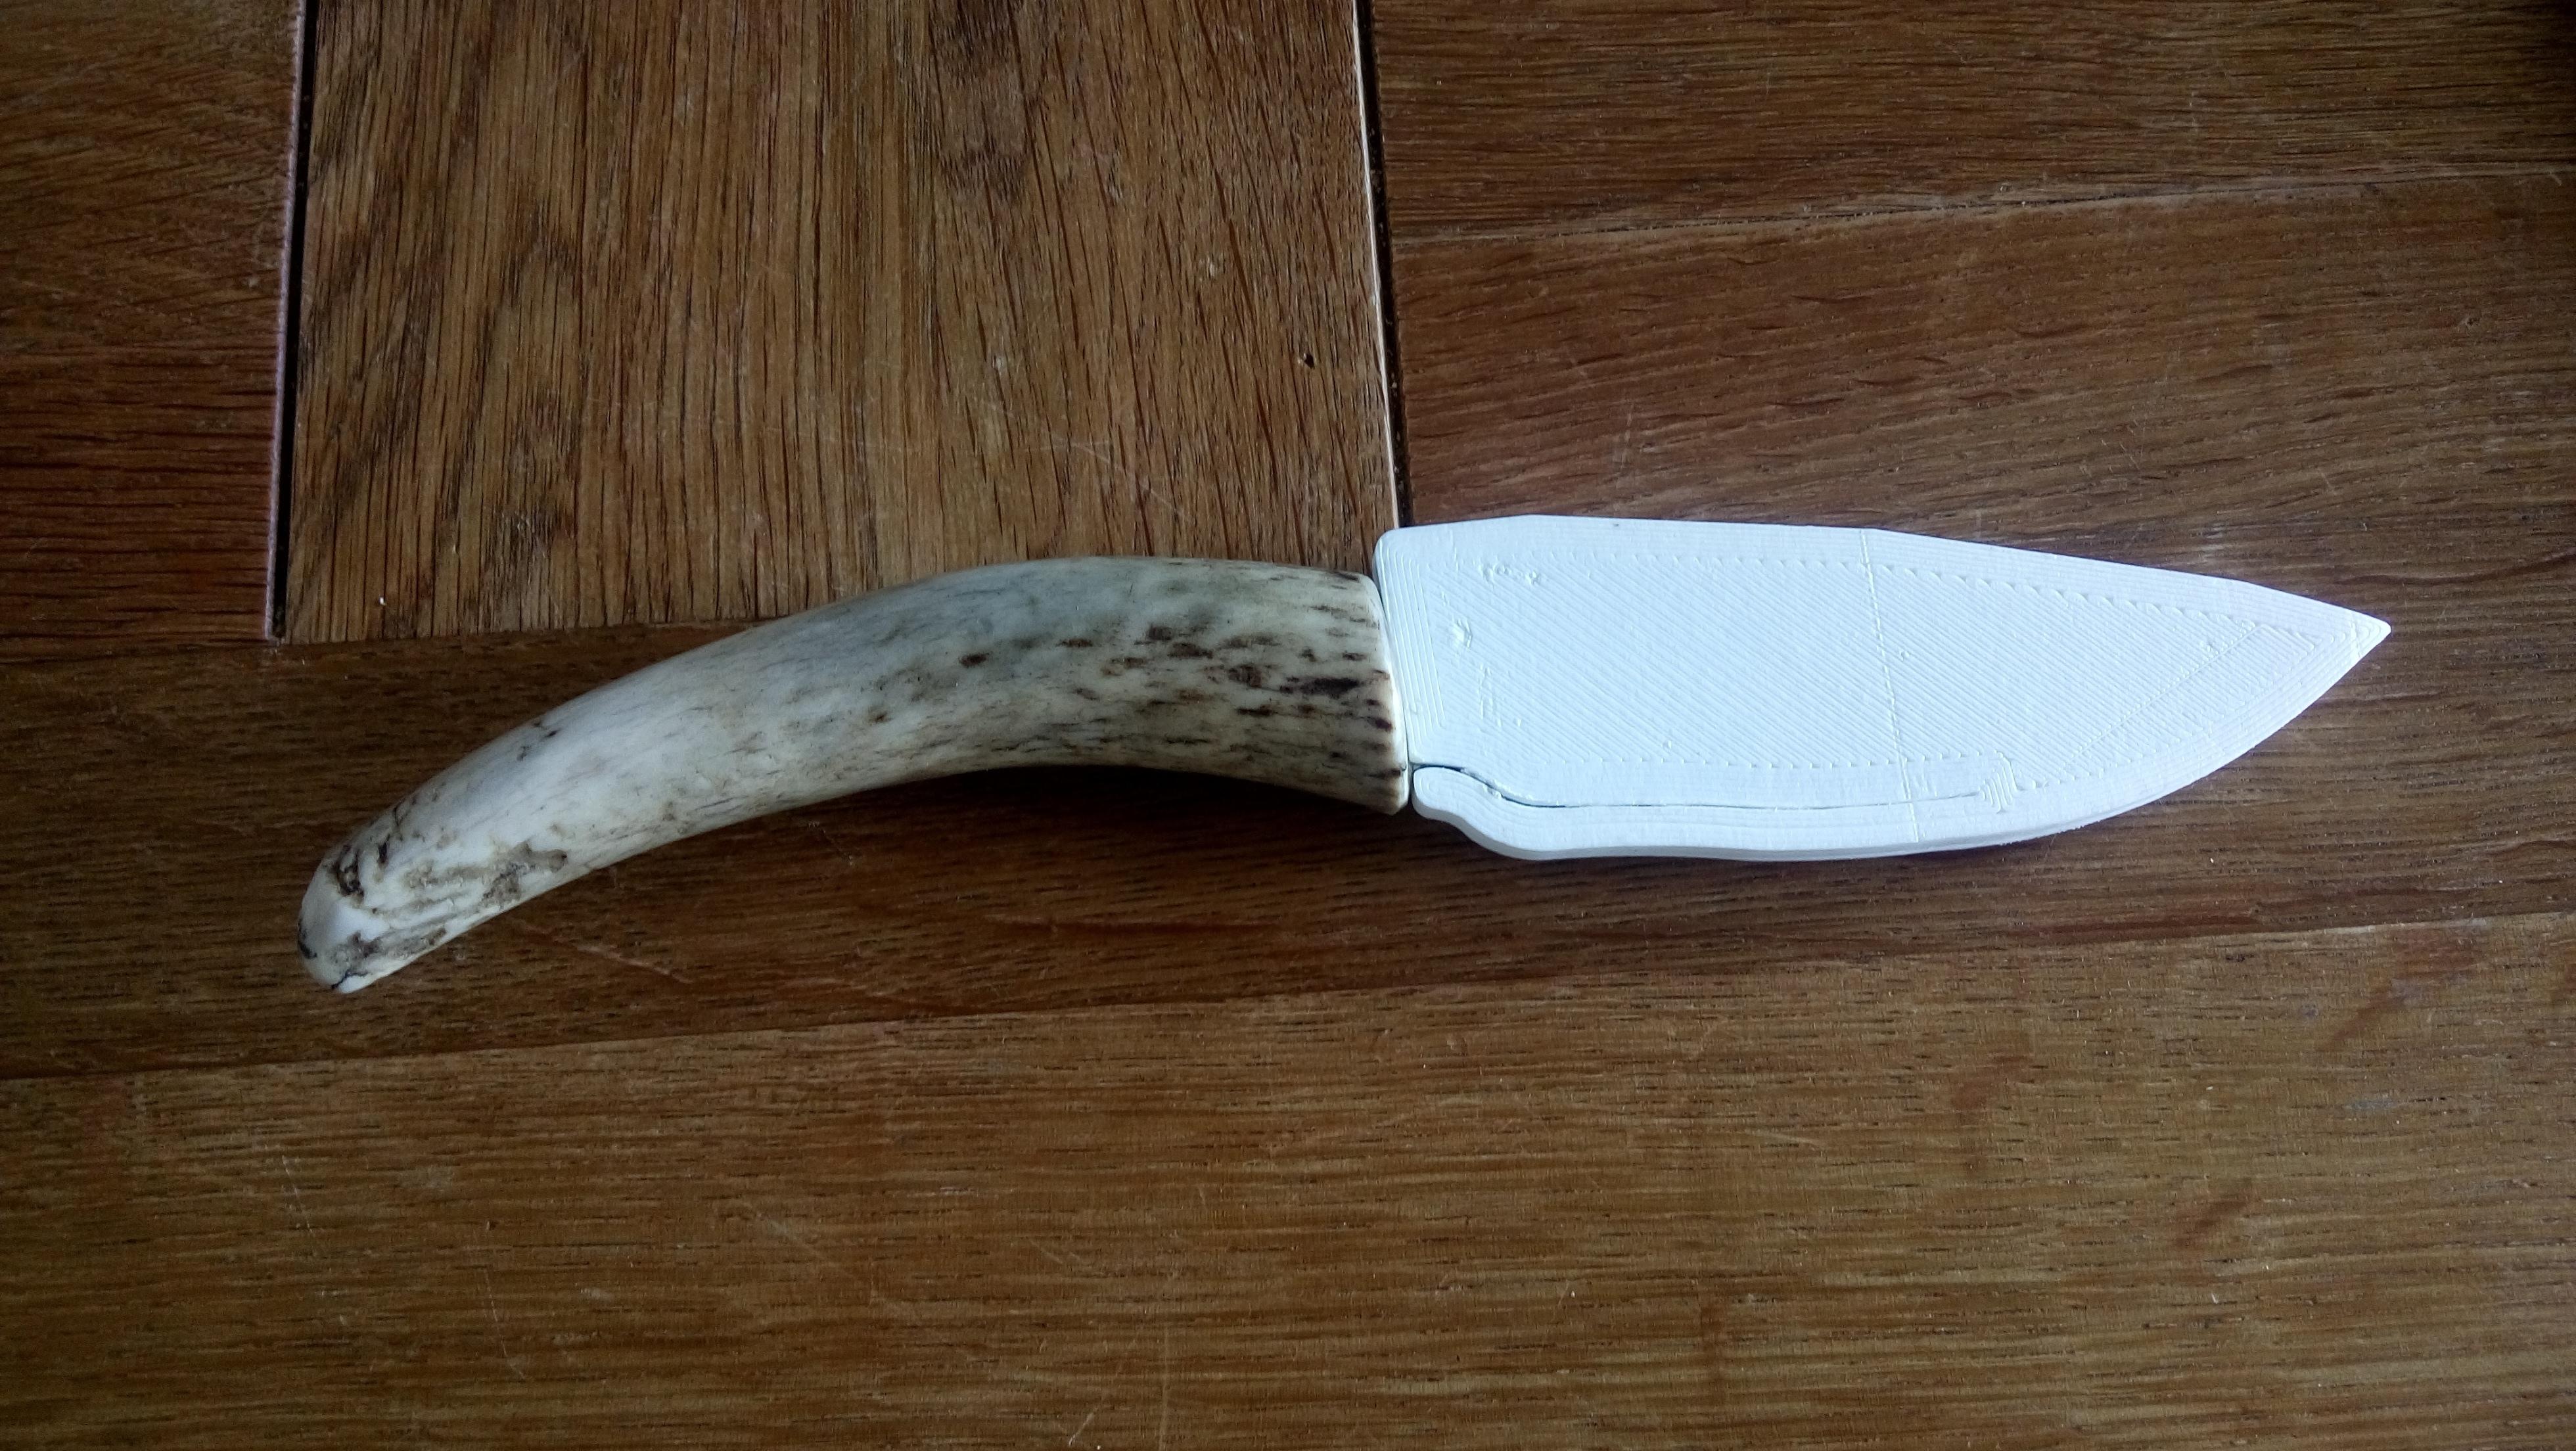 170821-DSC_2400.JPG Télécharger fichier STL gratuit Gaine de base pour un couteau sur mesure (couteau inclus) • Design à imprimer en 3D, Milan_Gajic